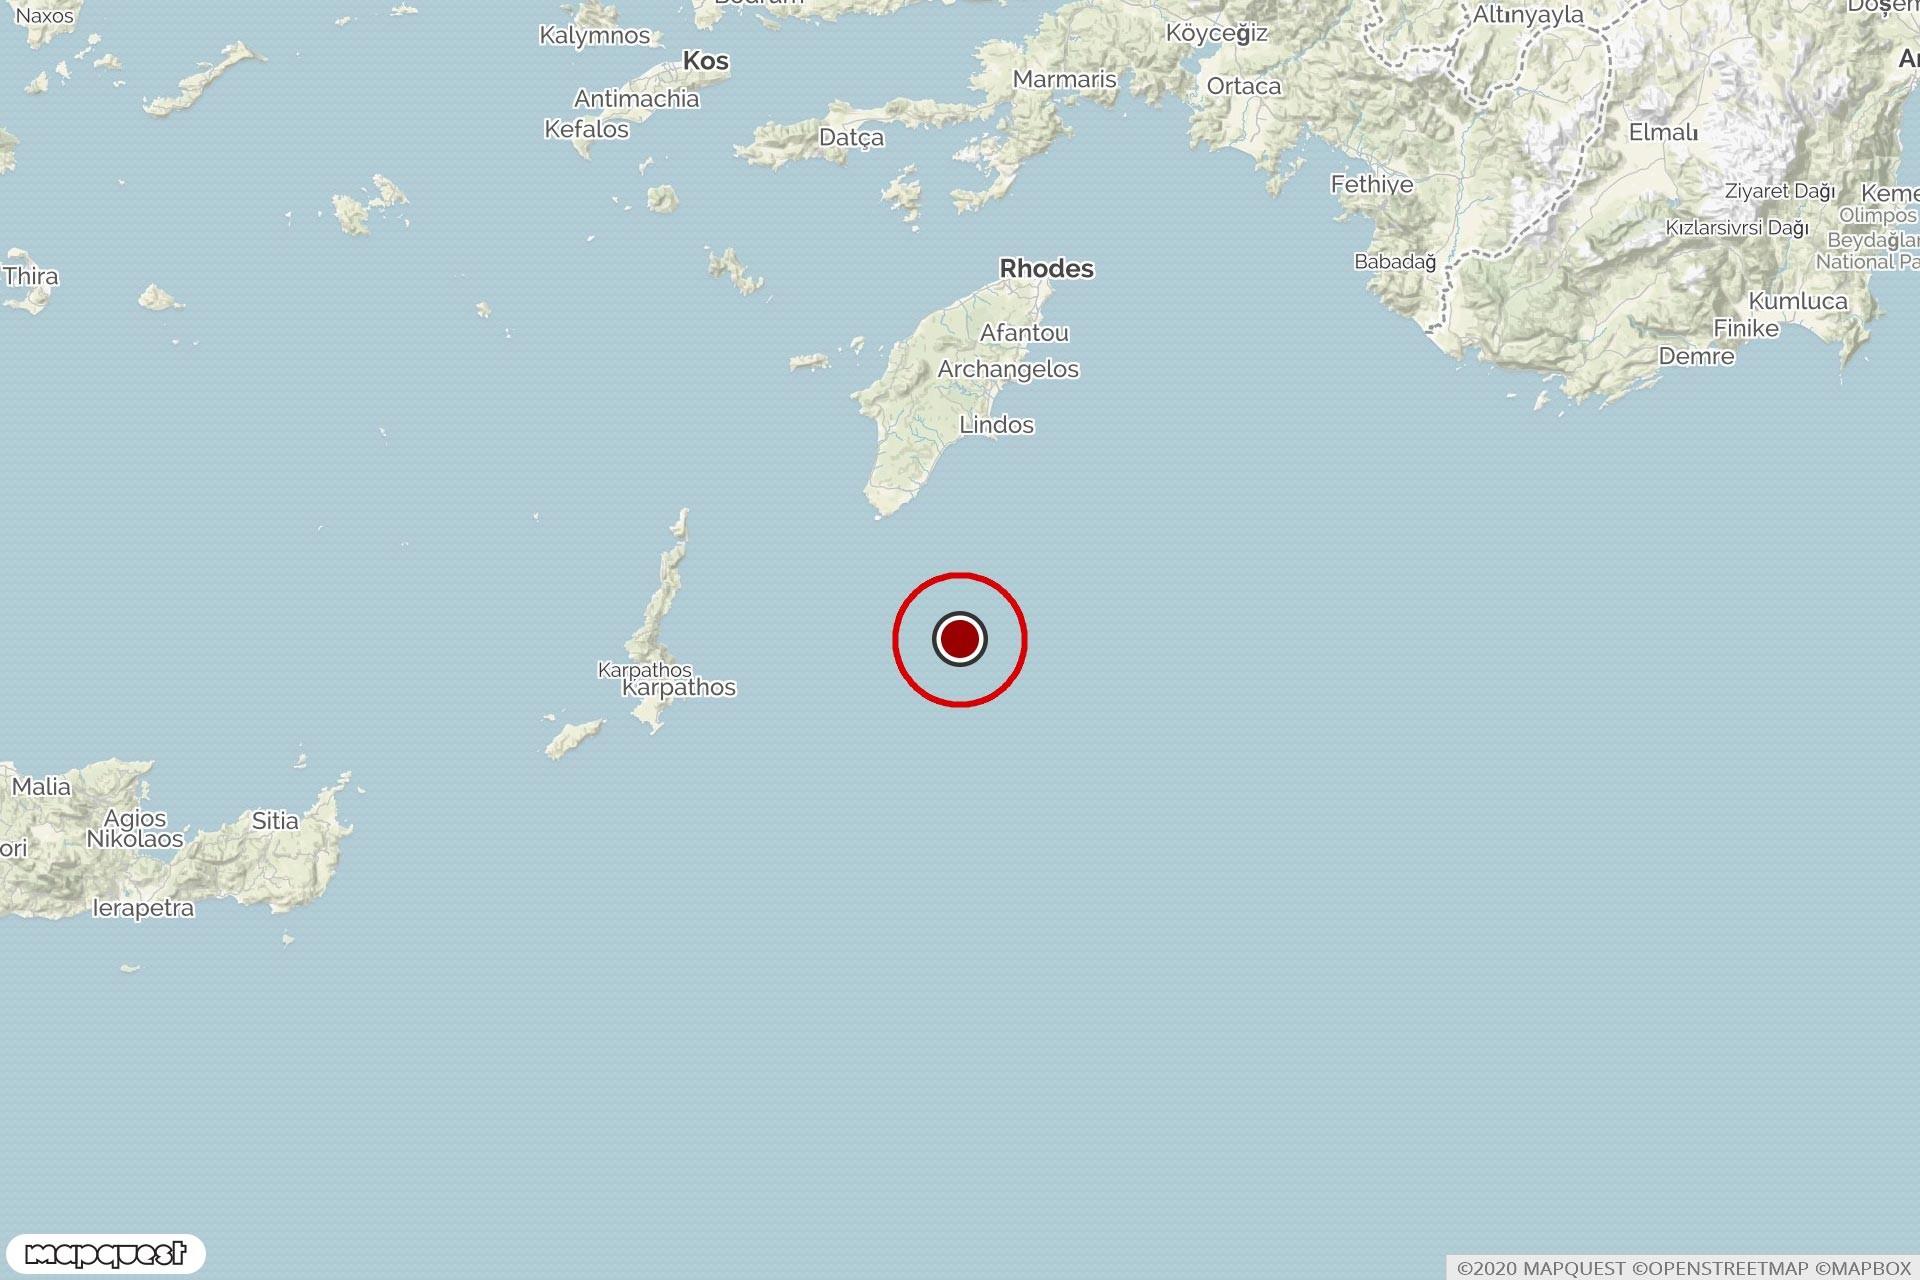 Akdeniz'de Rodos açıklarında meydana gelen depremin merkezini ve çevresini gösteren harita